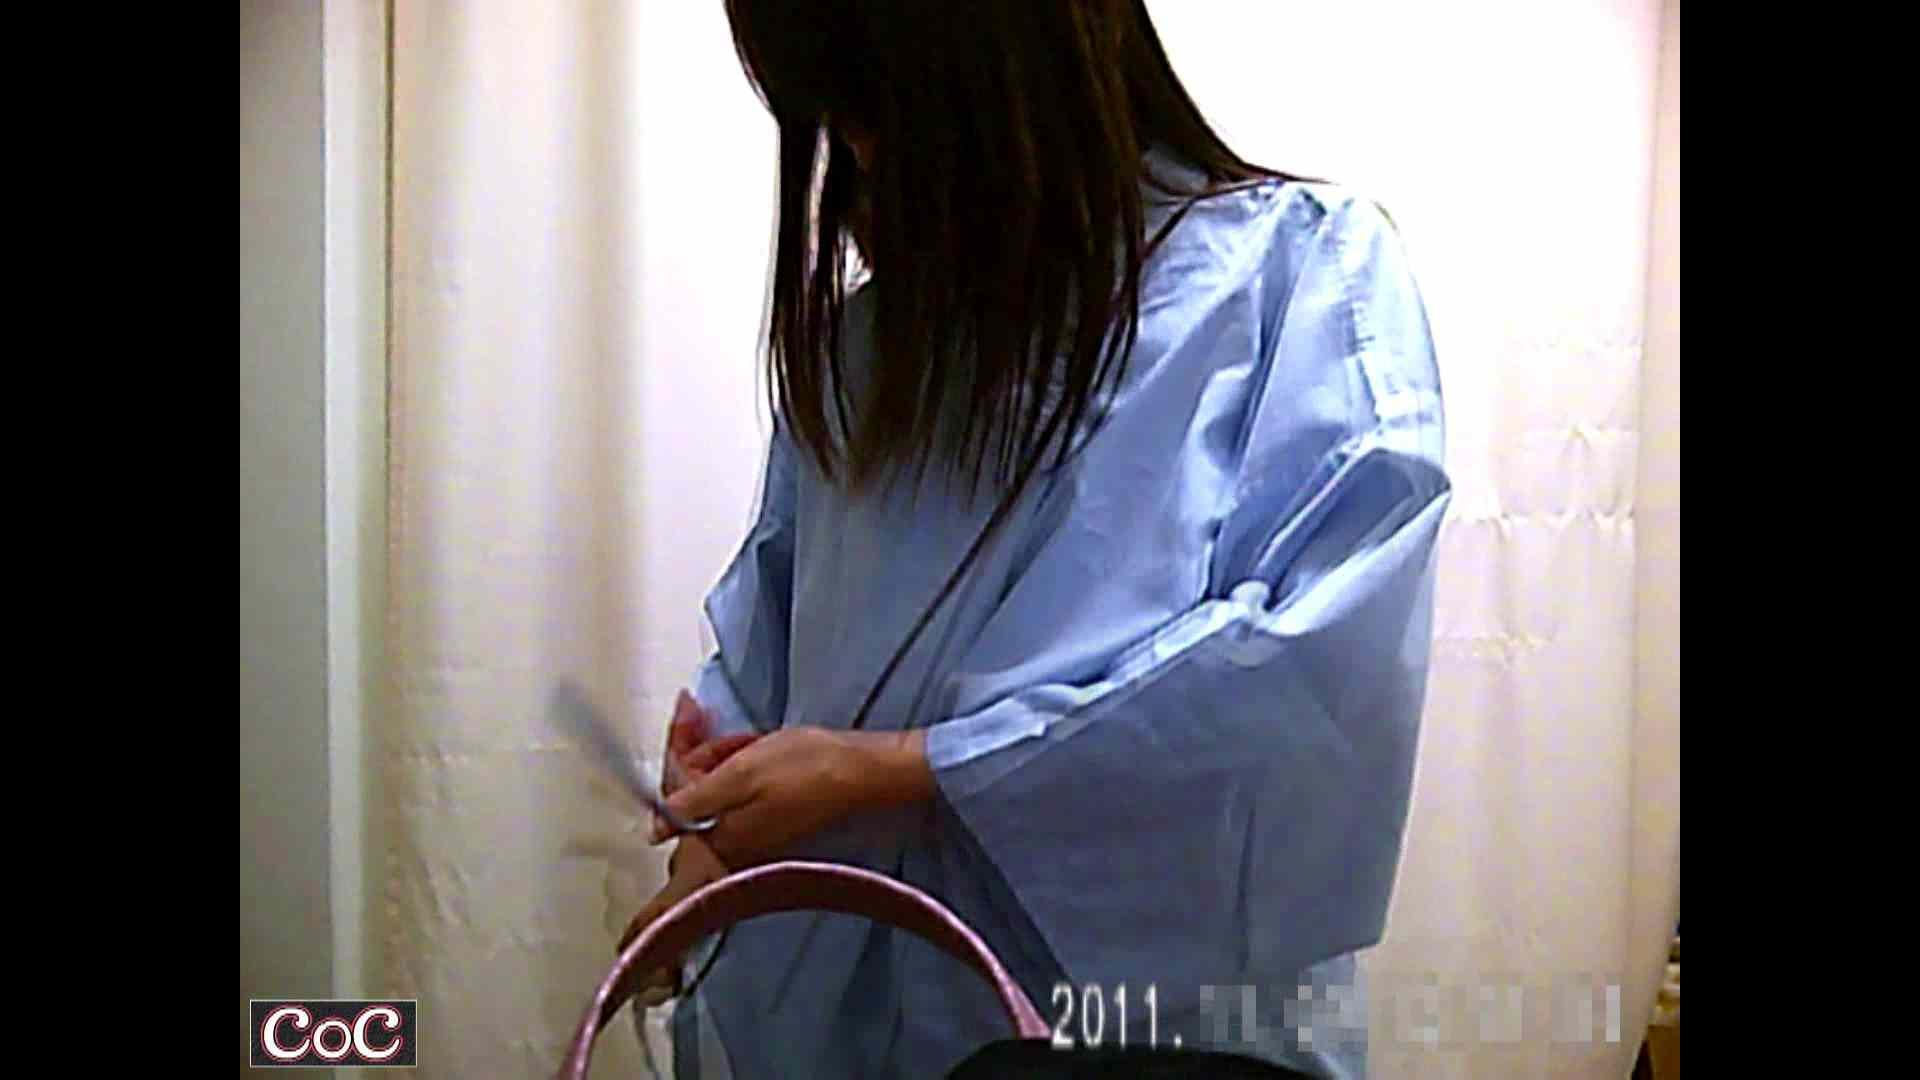 病院おもいっきり着替え! vol.85 チクビ | 貧乳編  98画像 41